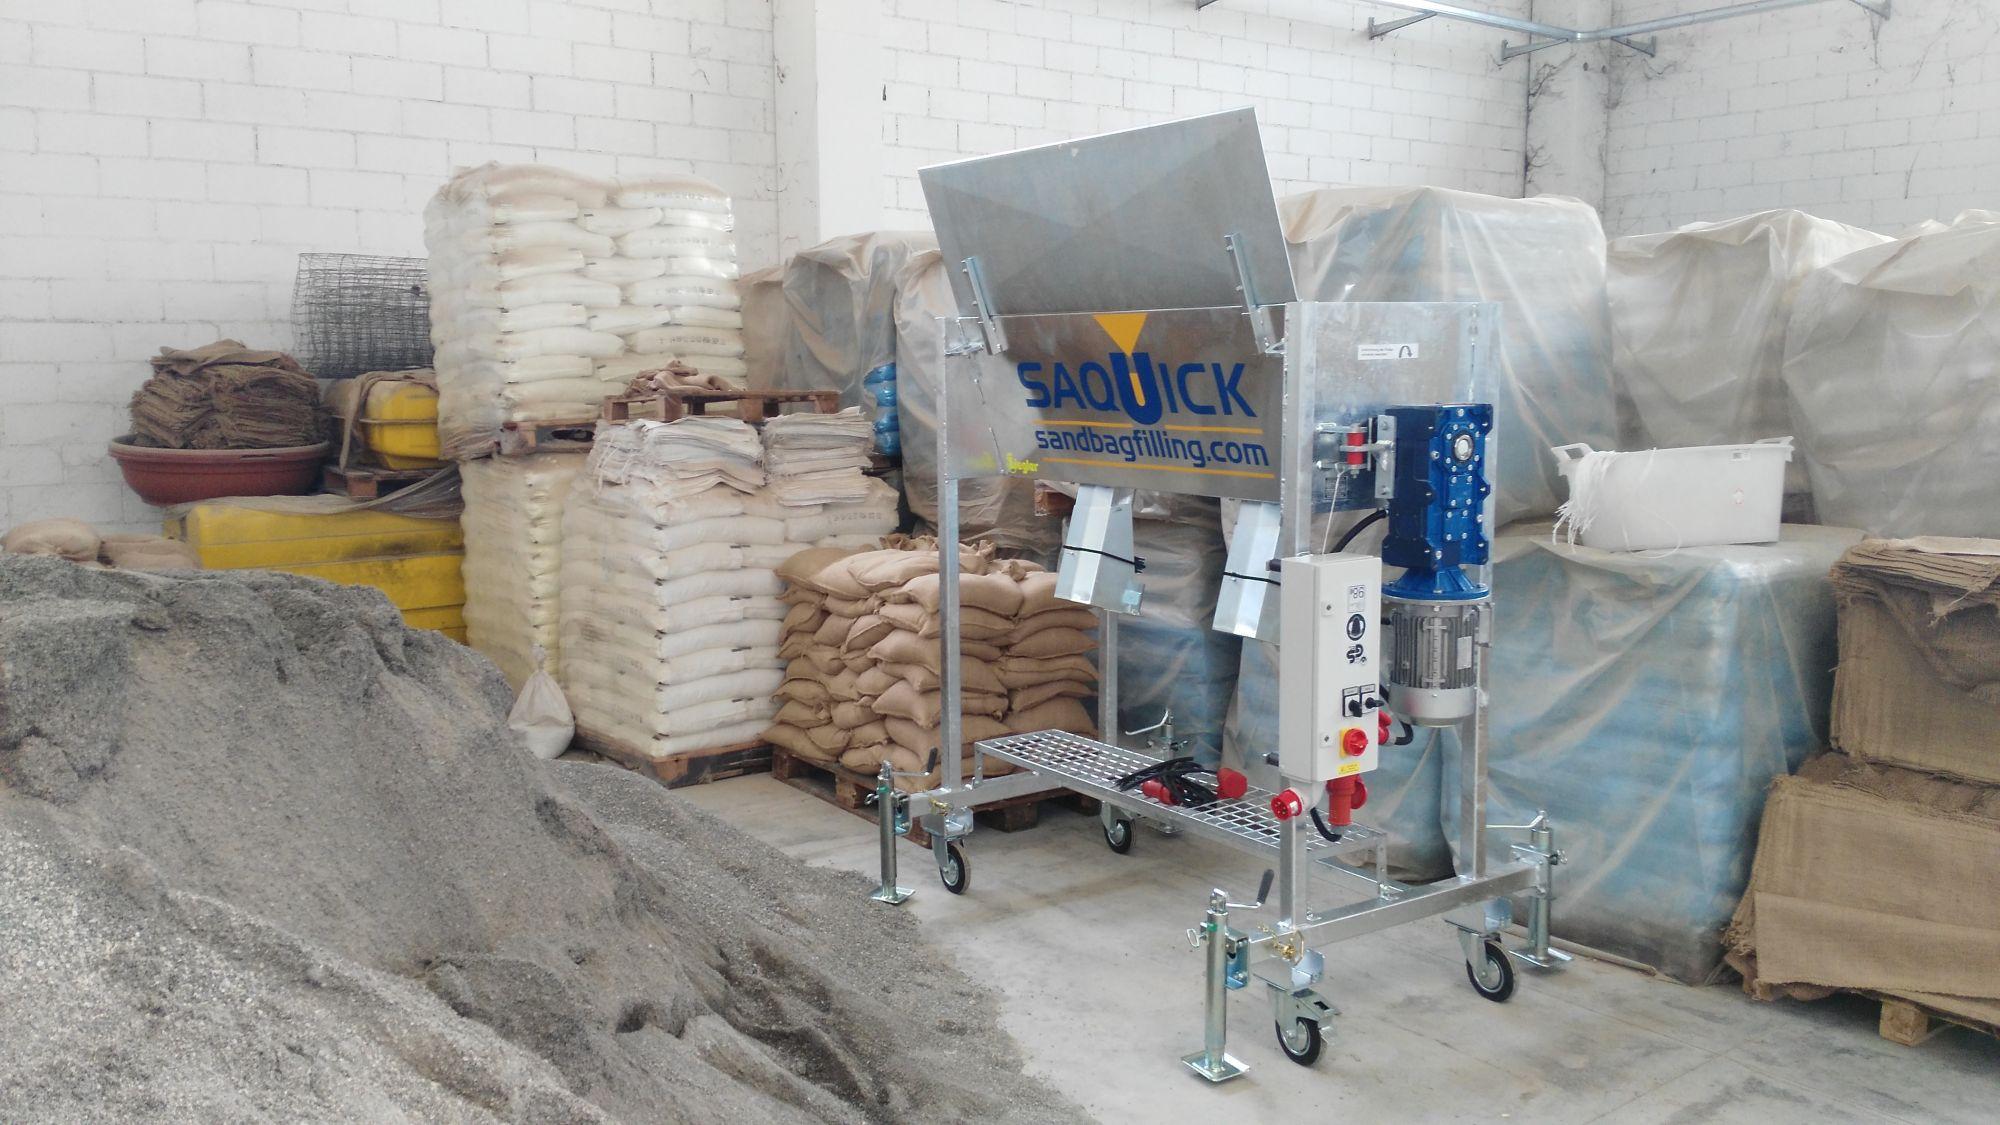 Sottoscritto l'accordo per la gestione dei siti di produzione dei sacchi di sabbia antiallagamento